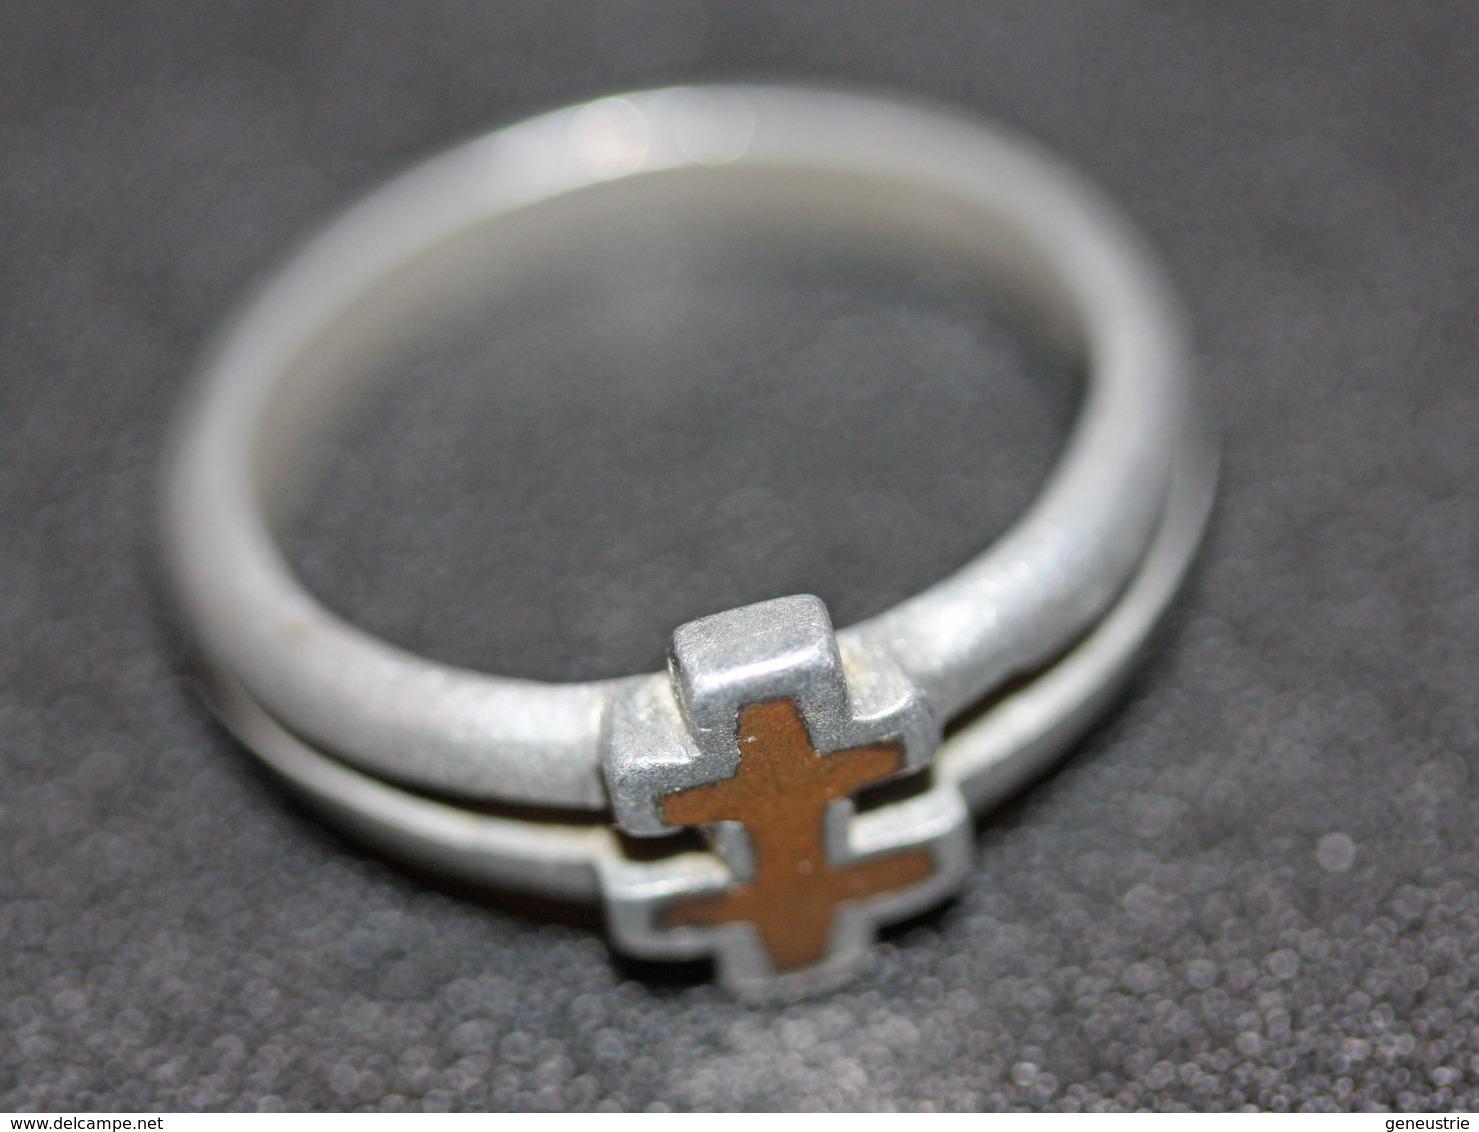 WWI - Bague De Poilu Aluminium Représentant Une Croix De Lorraine - Artisanat De Tranchée / Trench Art - WWI - 1914-18